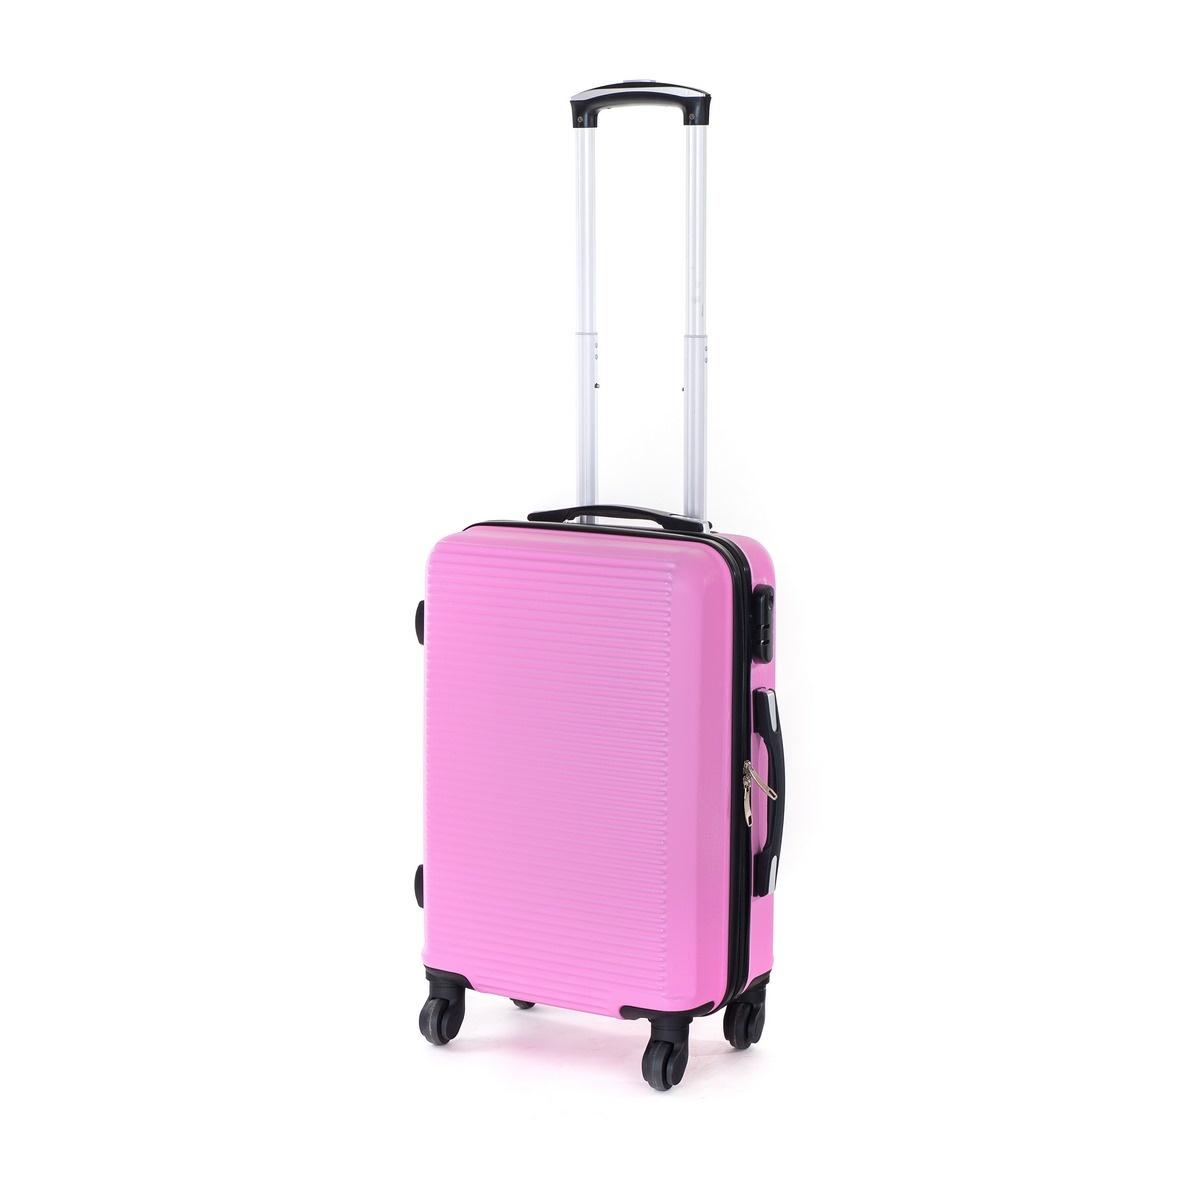 Troler Pretty UP ABS03 S, roz imagine 2021 e4home.ro